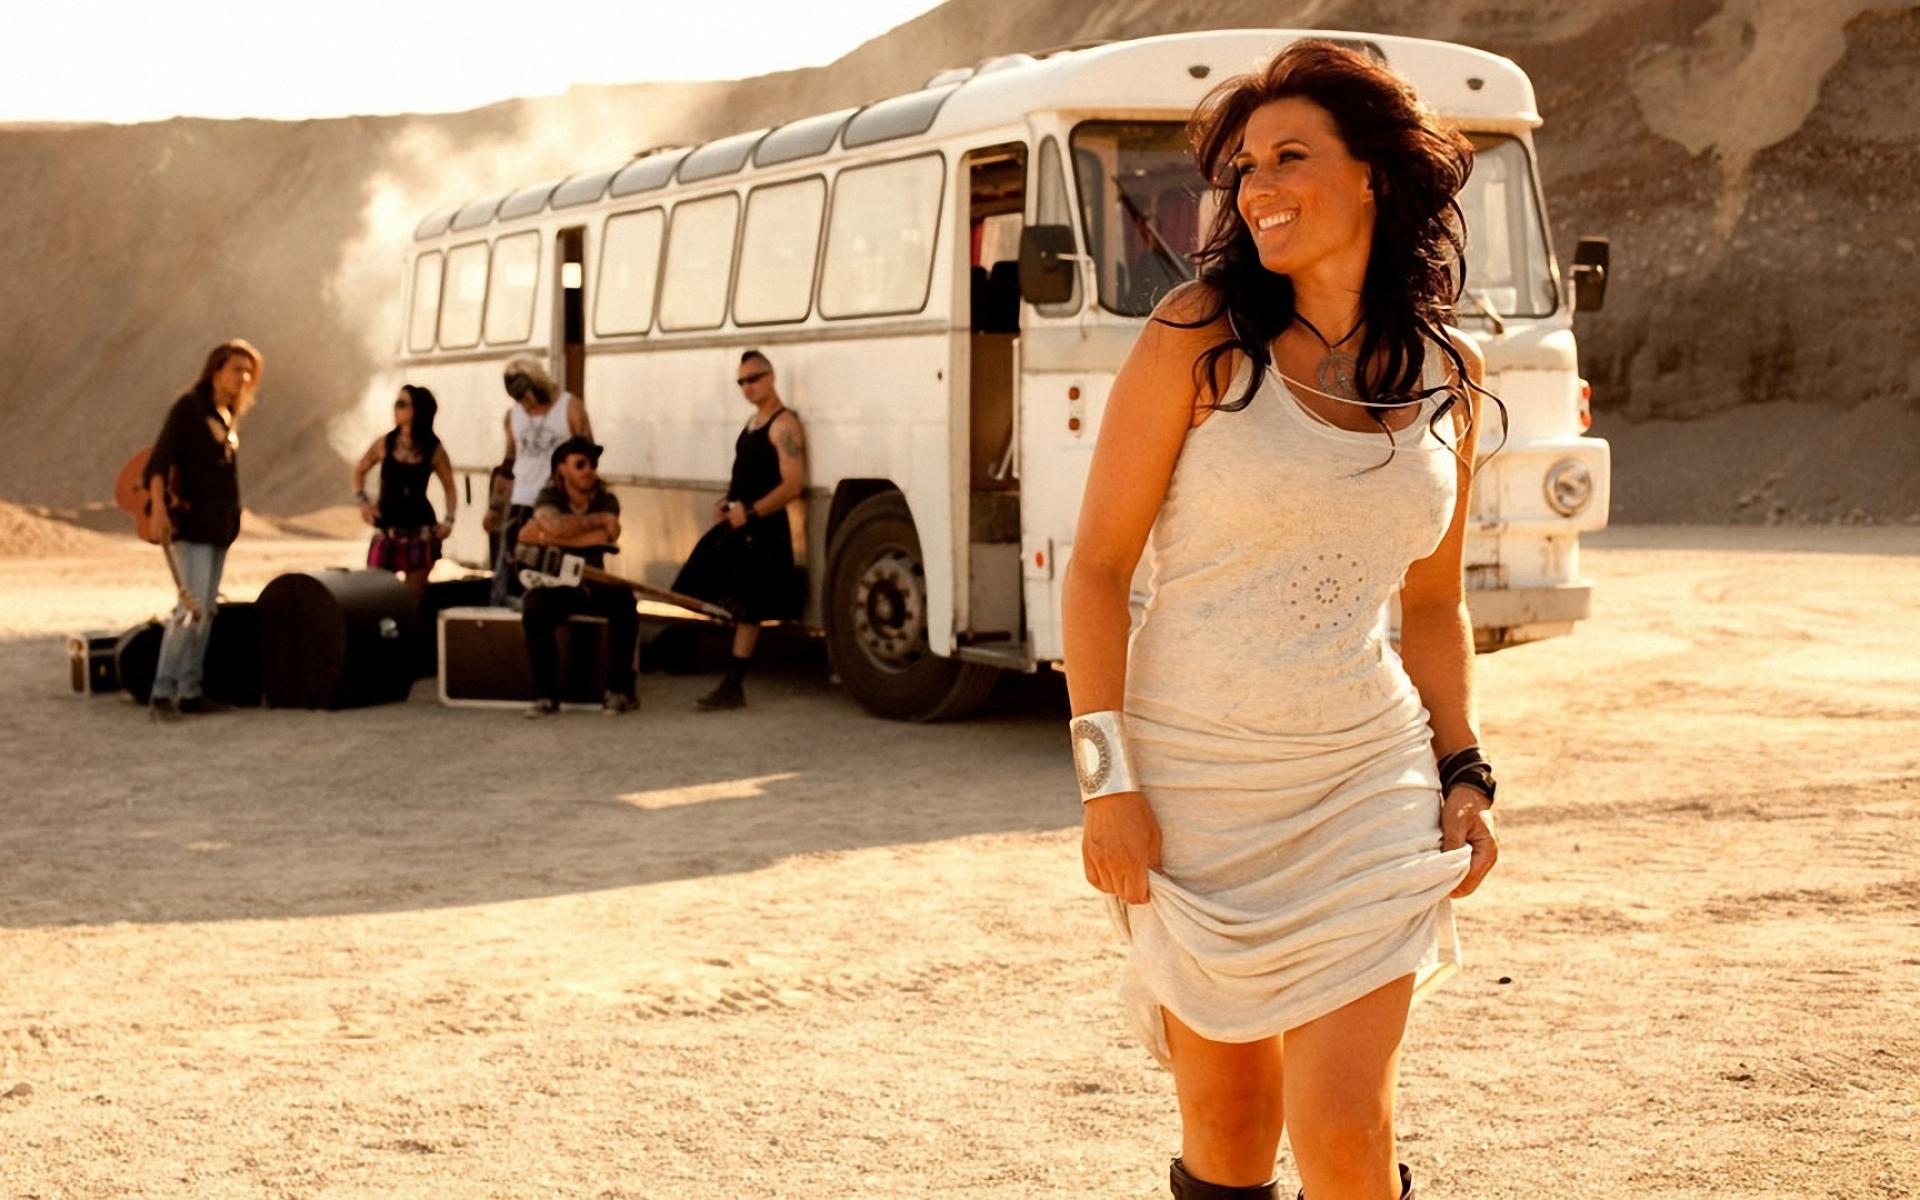 Картинки Jill johnson, улыбка, платье, автобус, солнечный свет фото и обои на рабочий стол